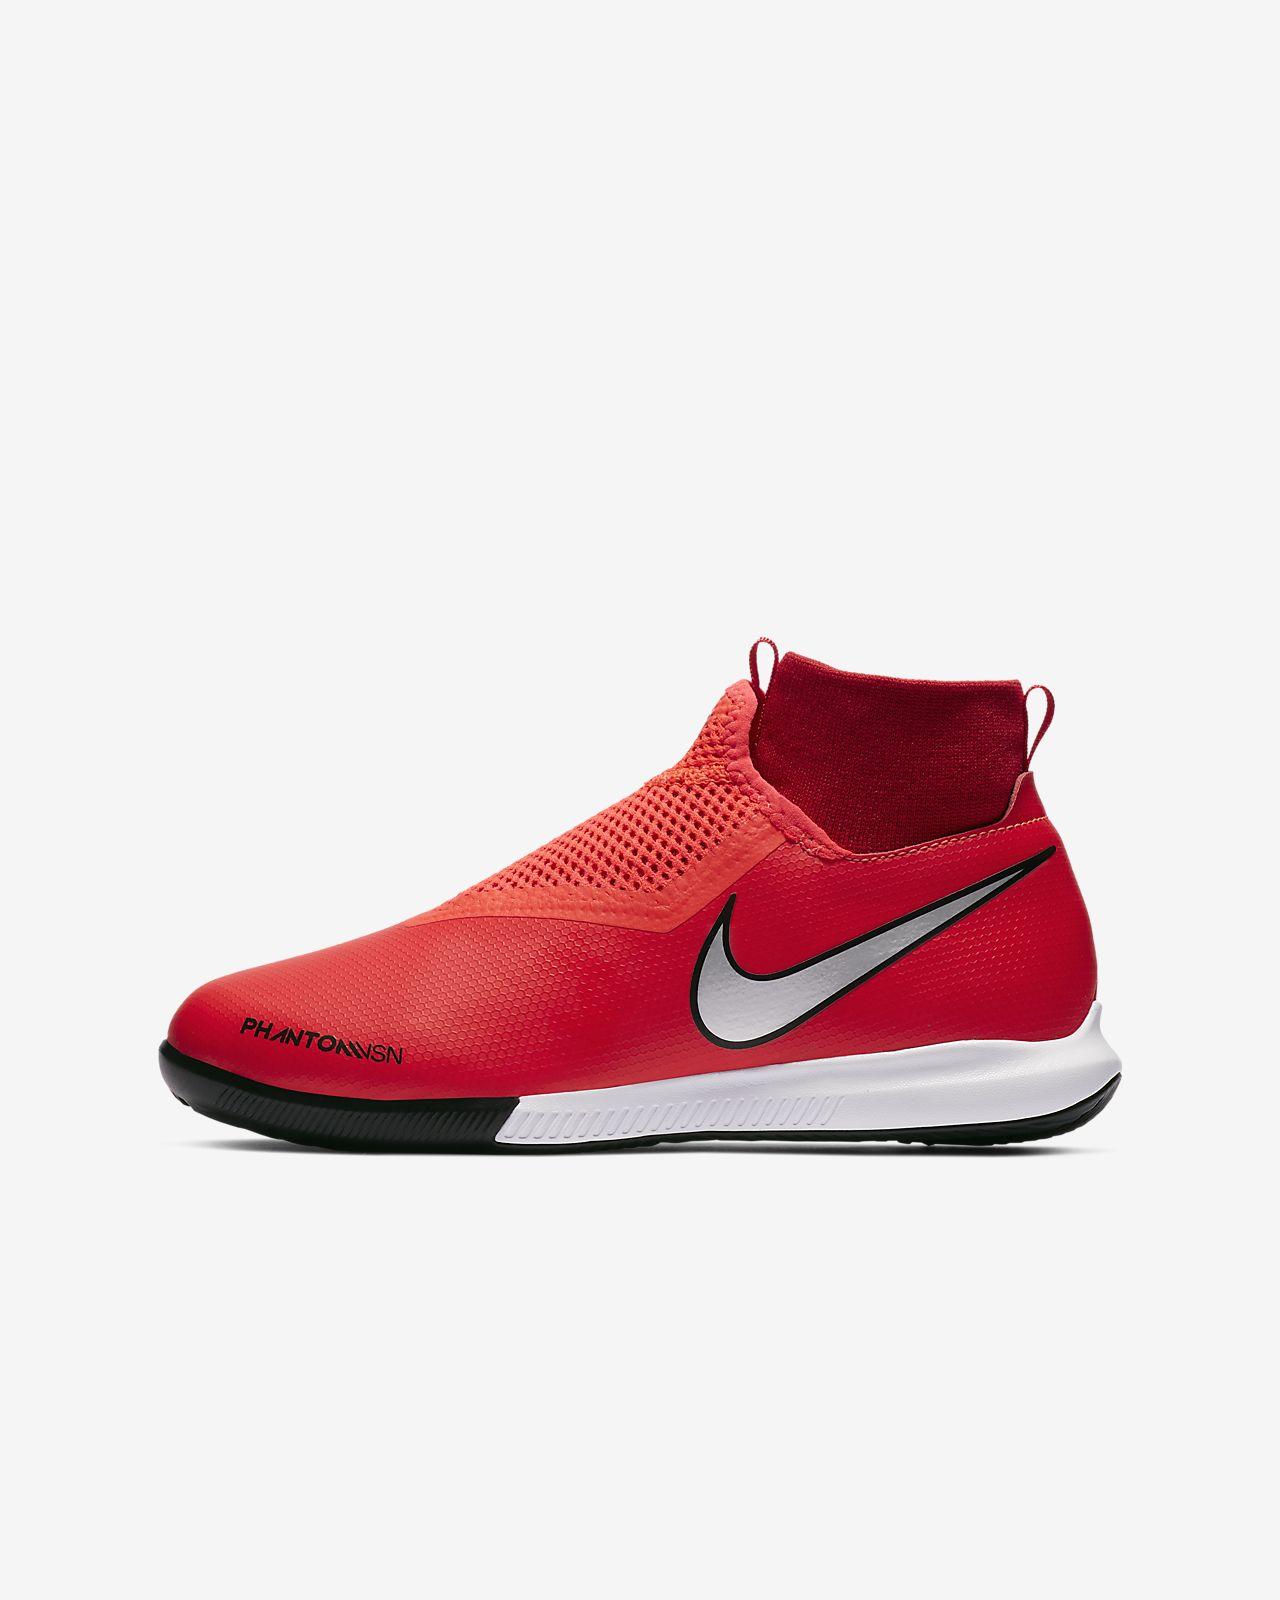 Fotbollssko för inomhusplan futsal street Nike Jr. PhantomVSN Academy  Dynamic Fit IC för fd45e119dae34